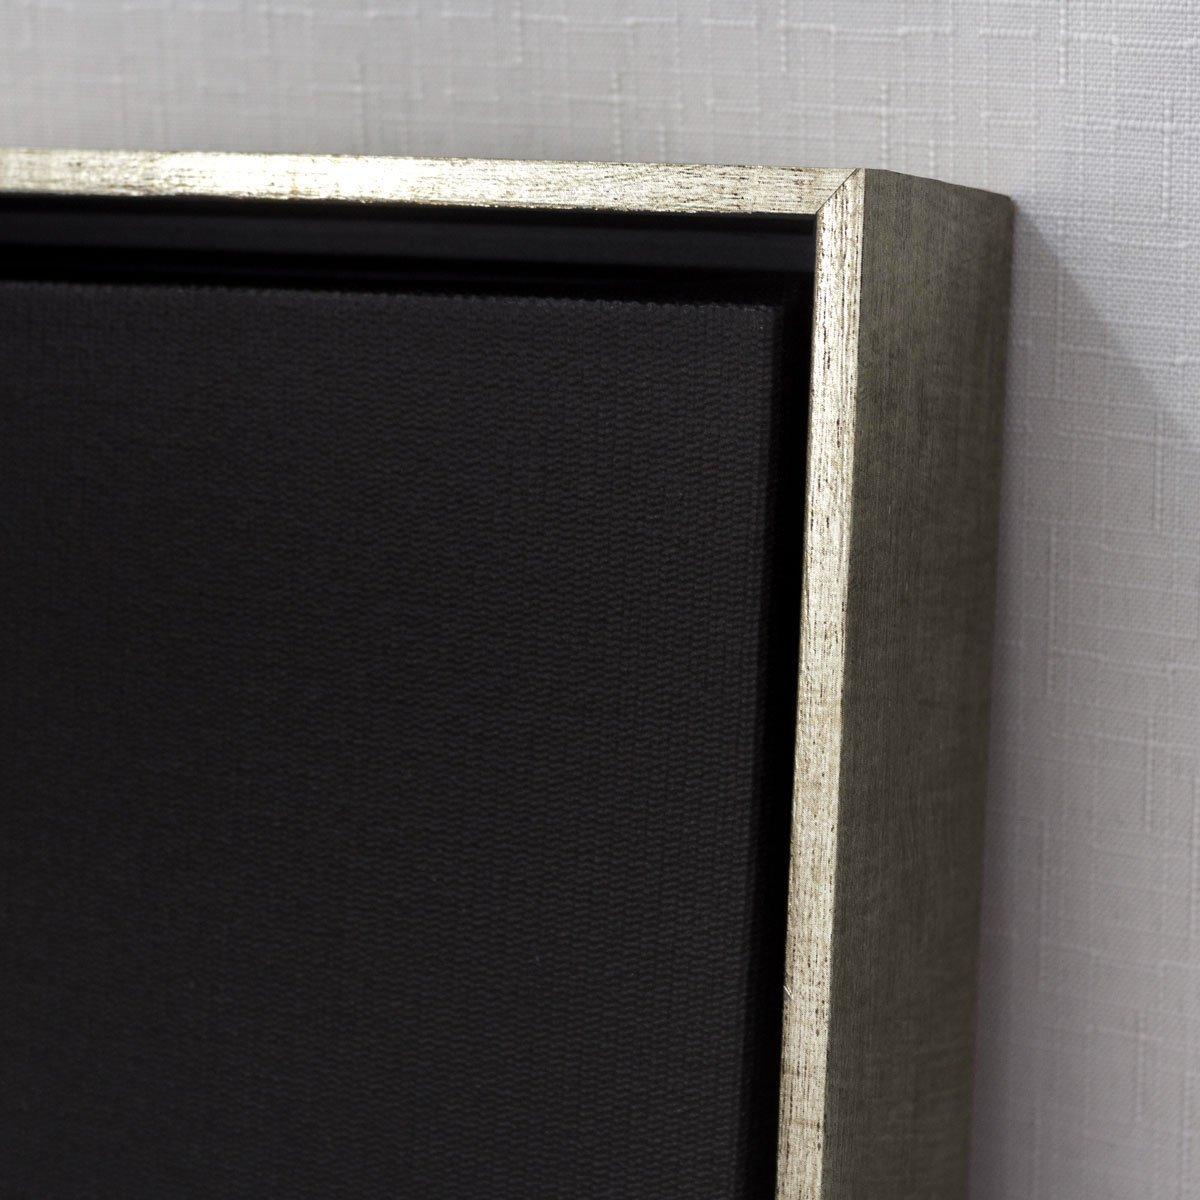 Detalhes e acabamento, tela canvas com moldura flutuante